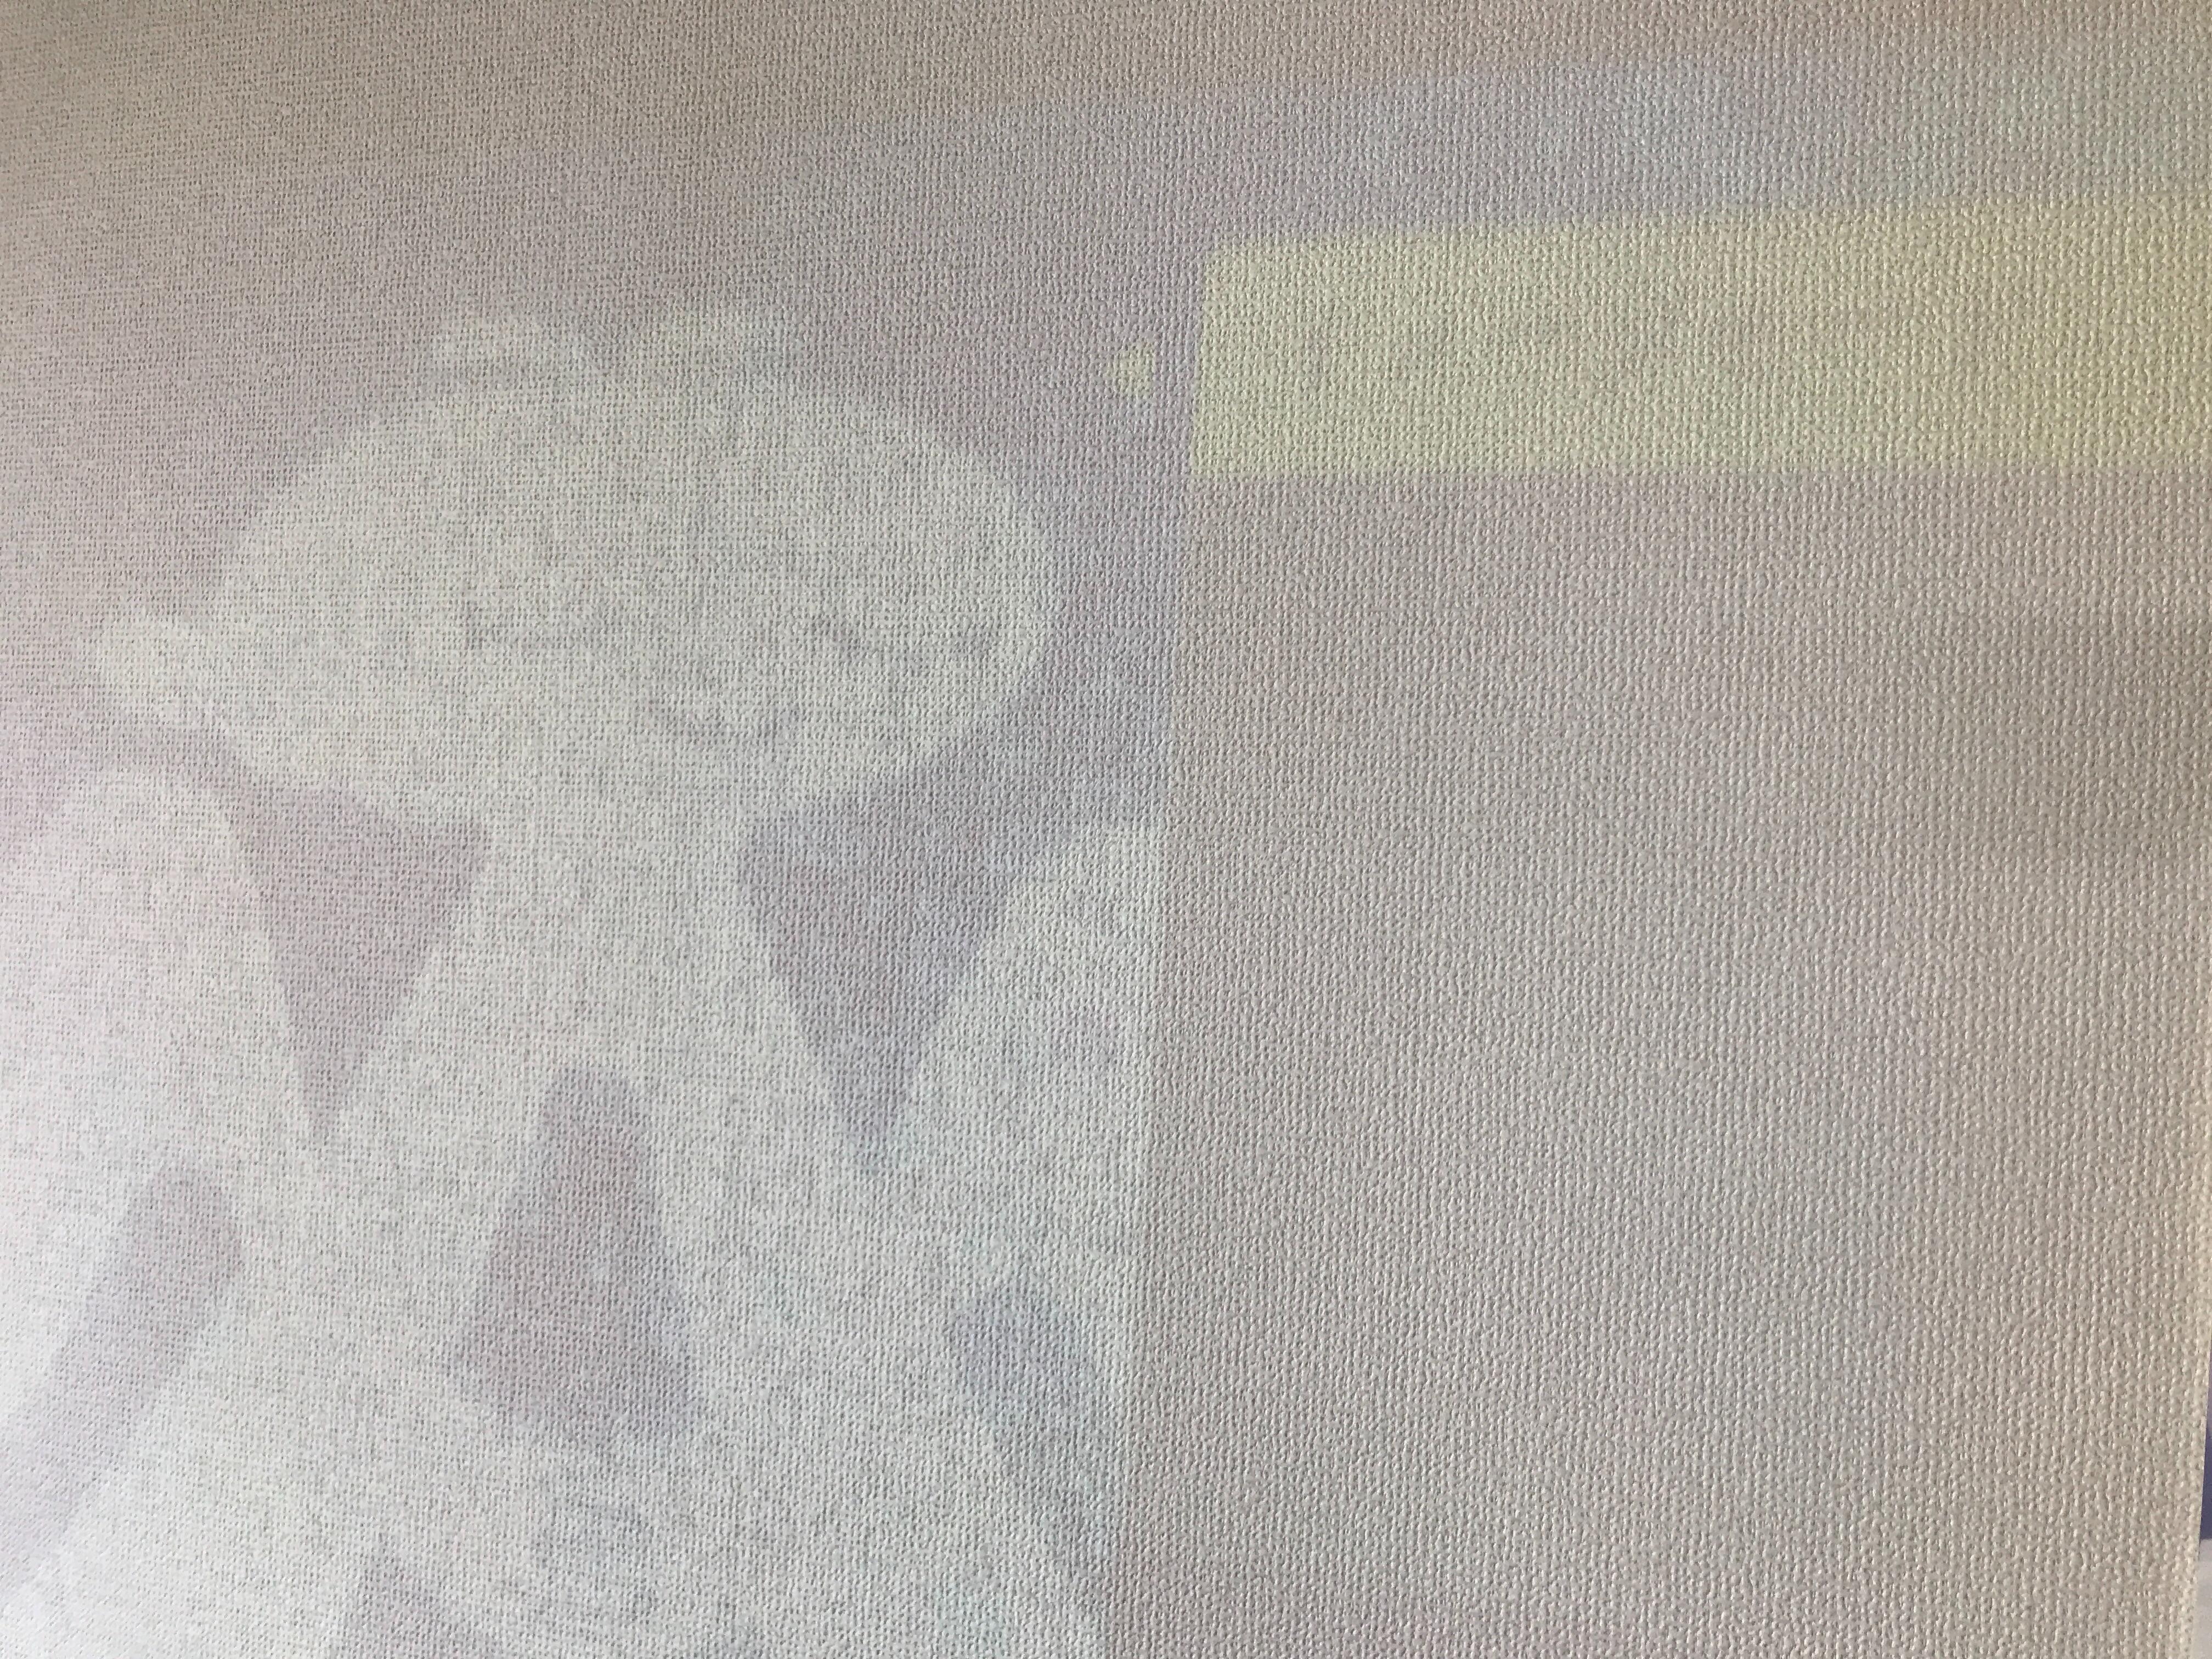 f:id:SeisoSakuya:20200711153201j:image